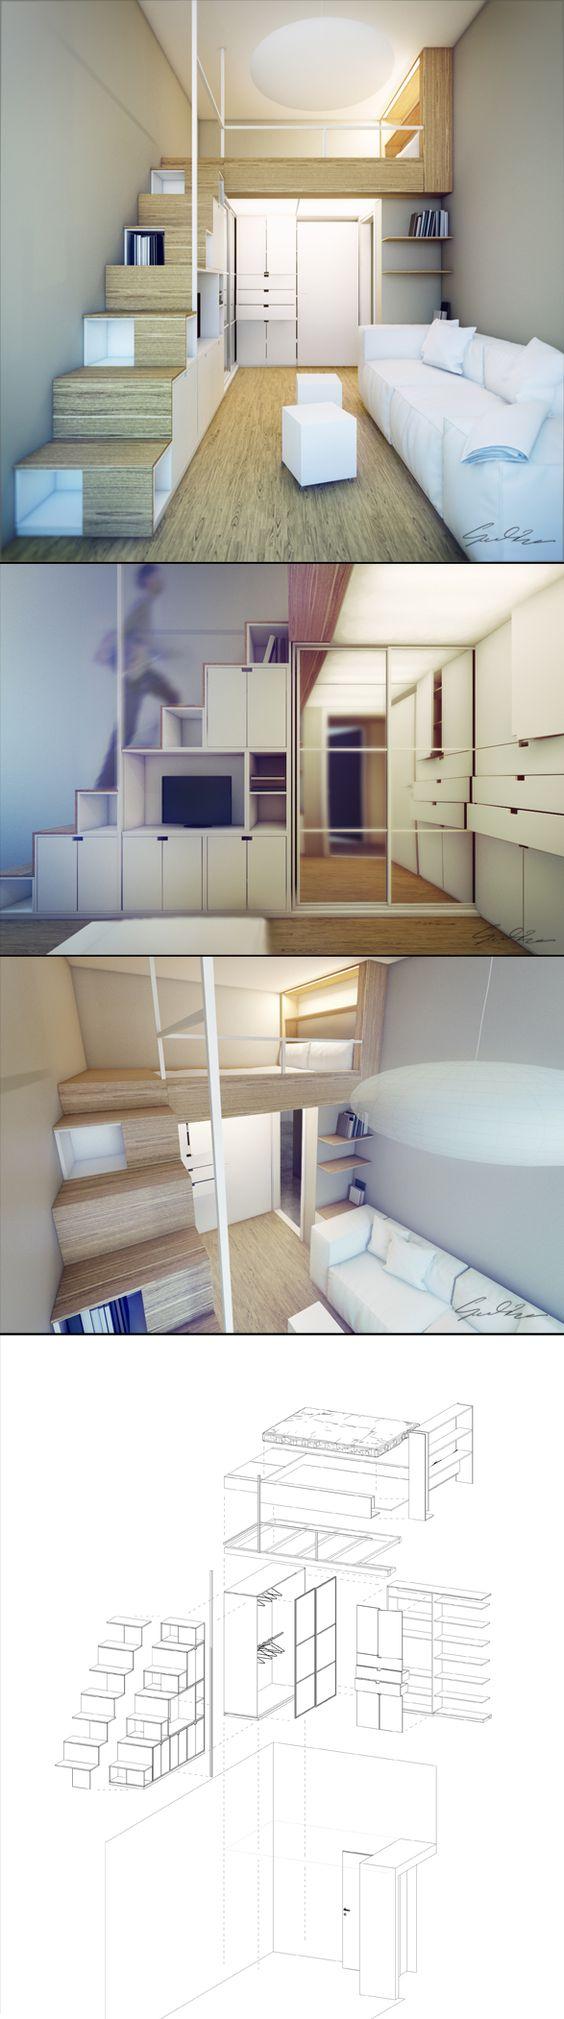 Mezzanine pour chambre c t rue rangement sous dans - Rangement chaussures sous escalier ...